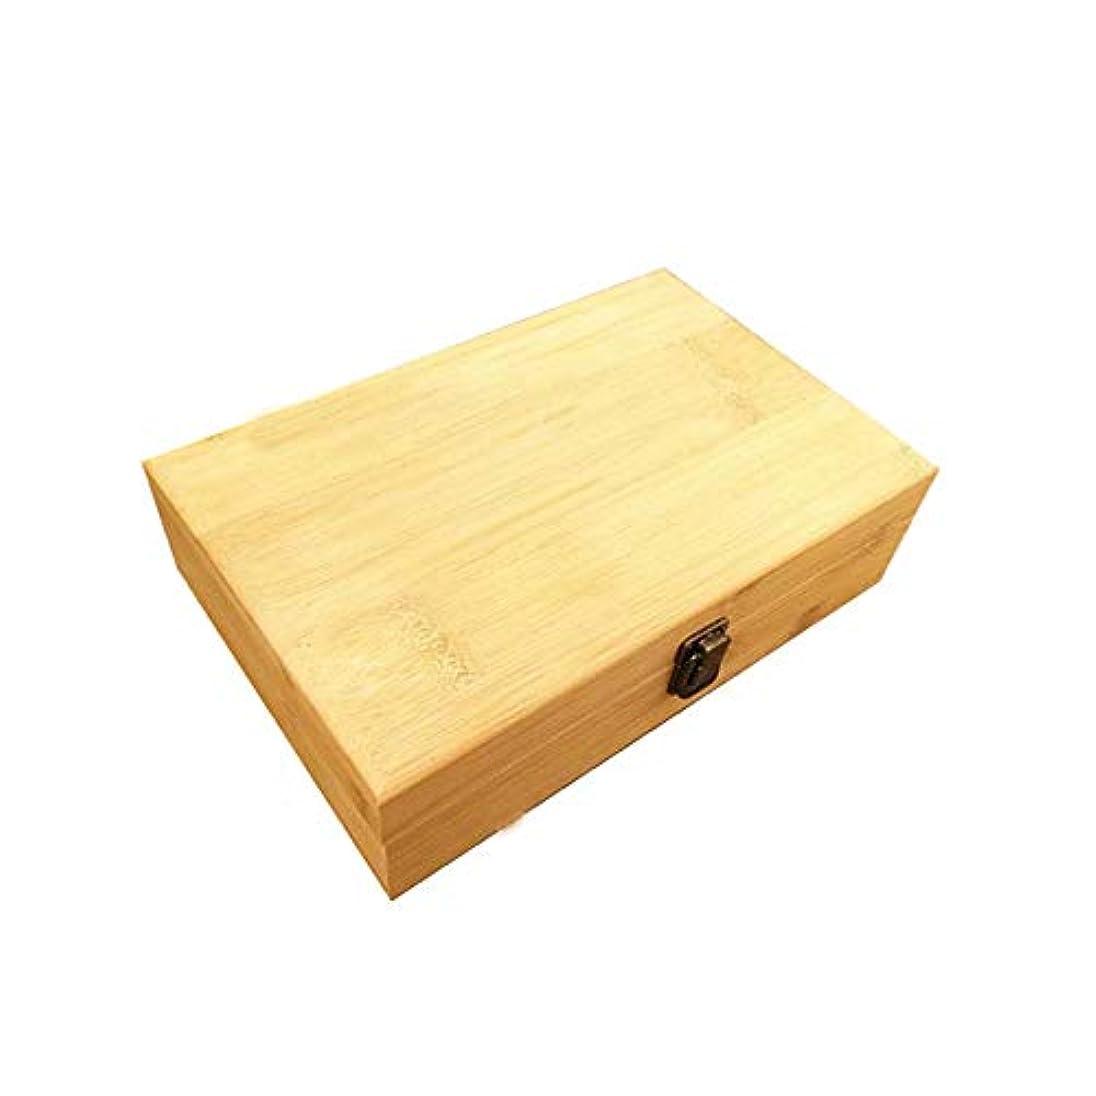 ご飯情緒的欠員エッセンシャルオイル収納ボックス 40スロットエッセンシャルオイルボックス木製収納ケースは、40本のボトルエッセンシャルオイルスペースセーバー29x18.5x8cm成り立ちます ポータブル収納ボックス (色 : Natural, サイズ : 29X18.5X8CM)